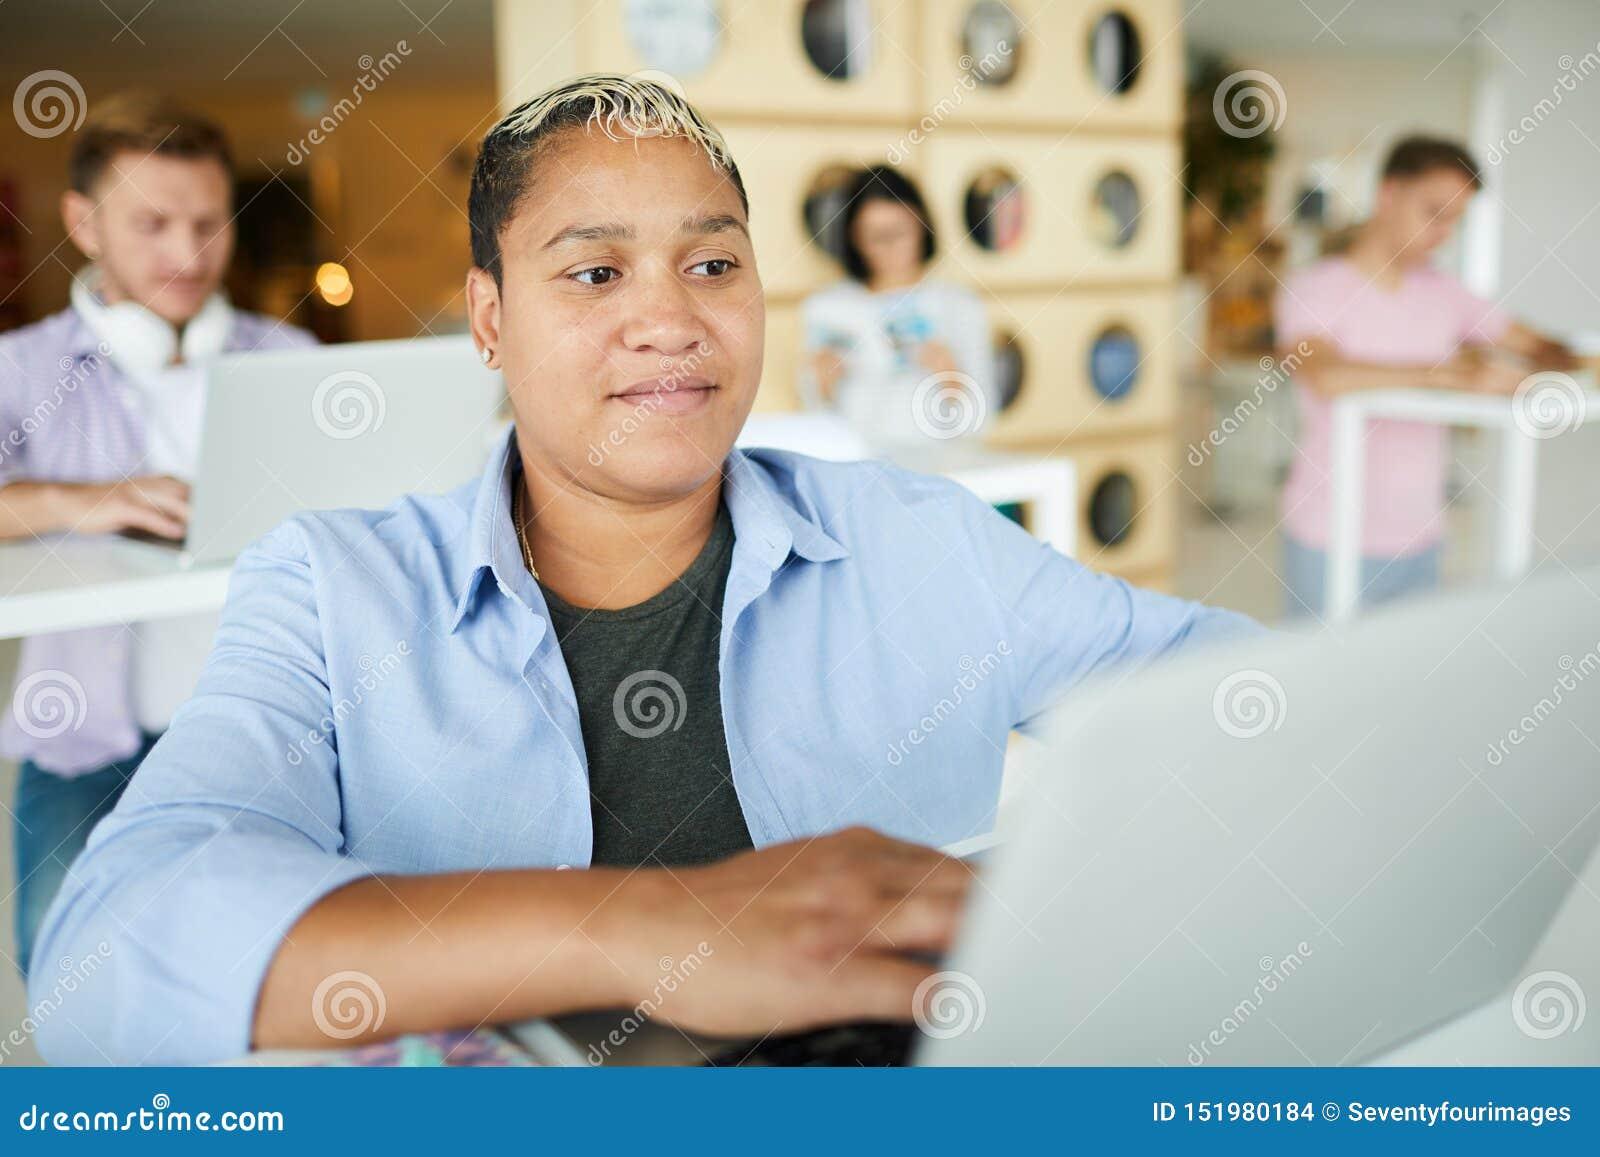 recherche femme sur internet)